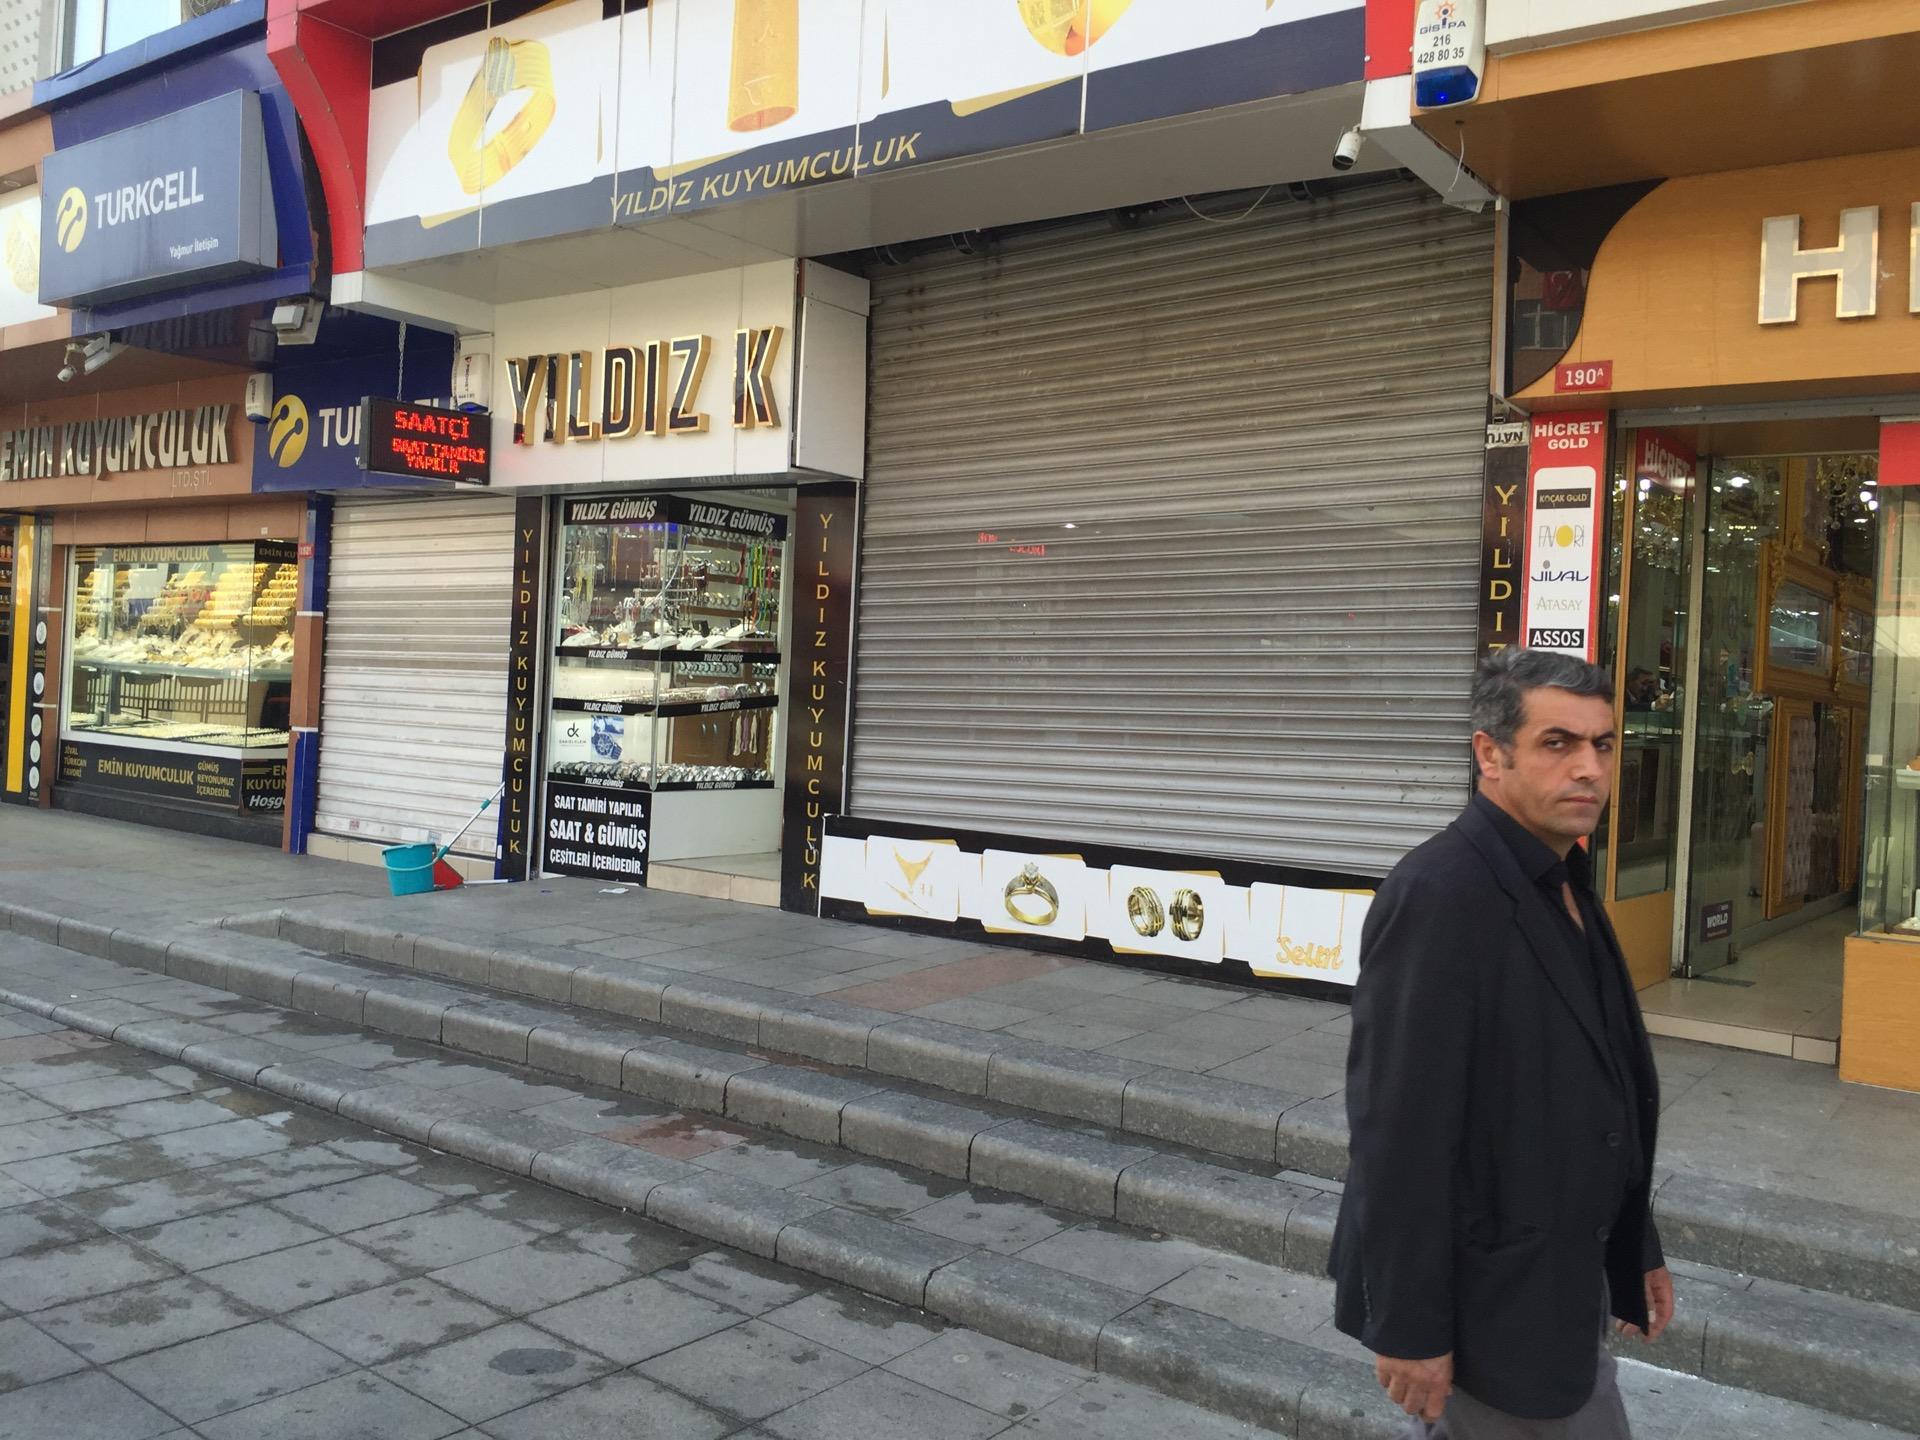 Yıldız Kuyumculuk & Gümüş | Mehmet Akif Ersoy Mahallesi Fatih Bulvari, Sultanbeyli/İstanbul | +90 216 398 22 80